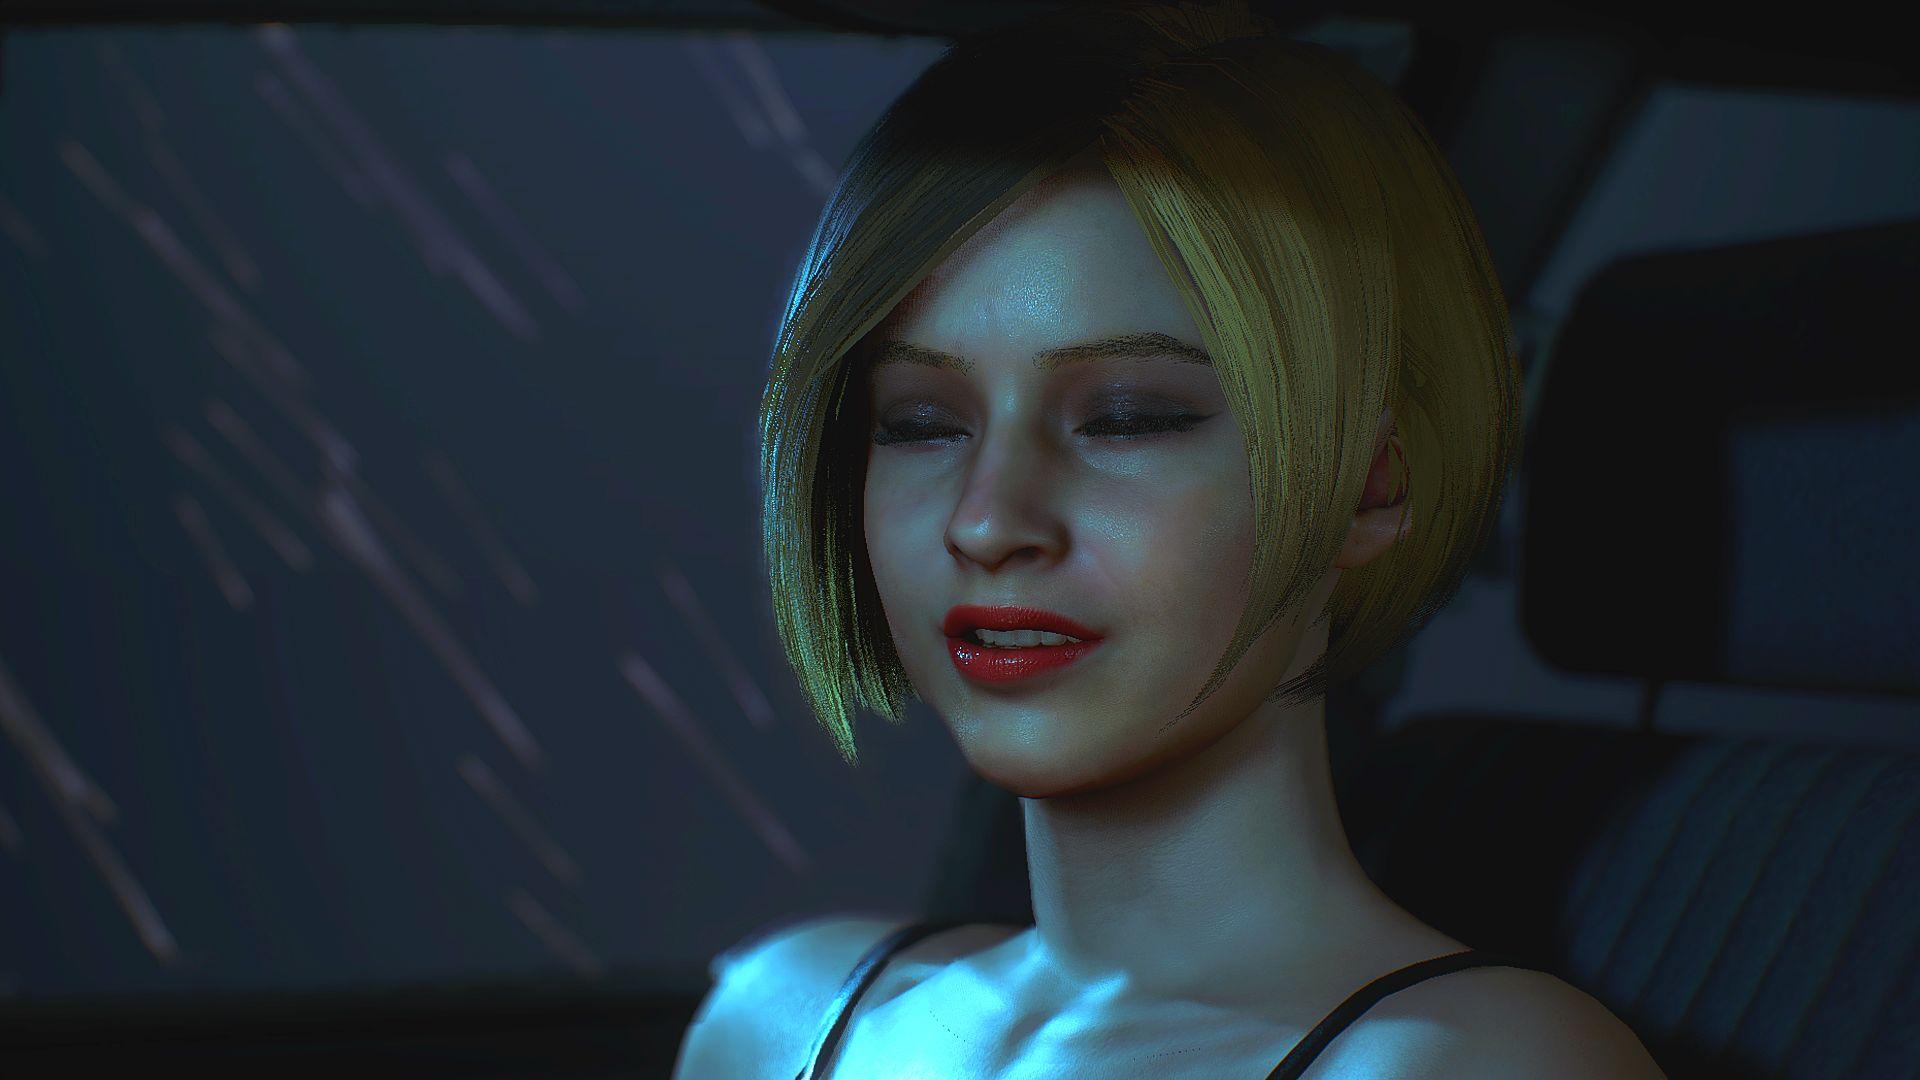 001156.Jpg - Resident Evil 2